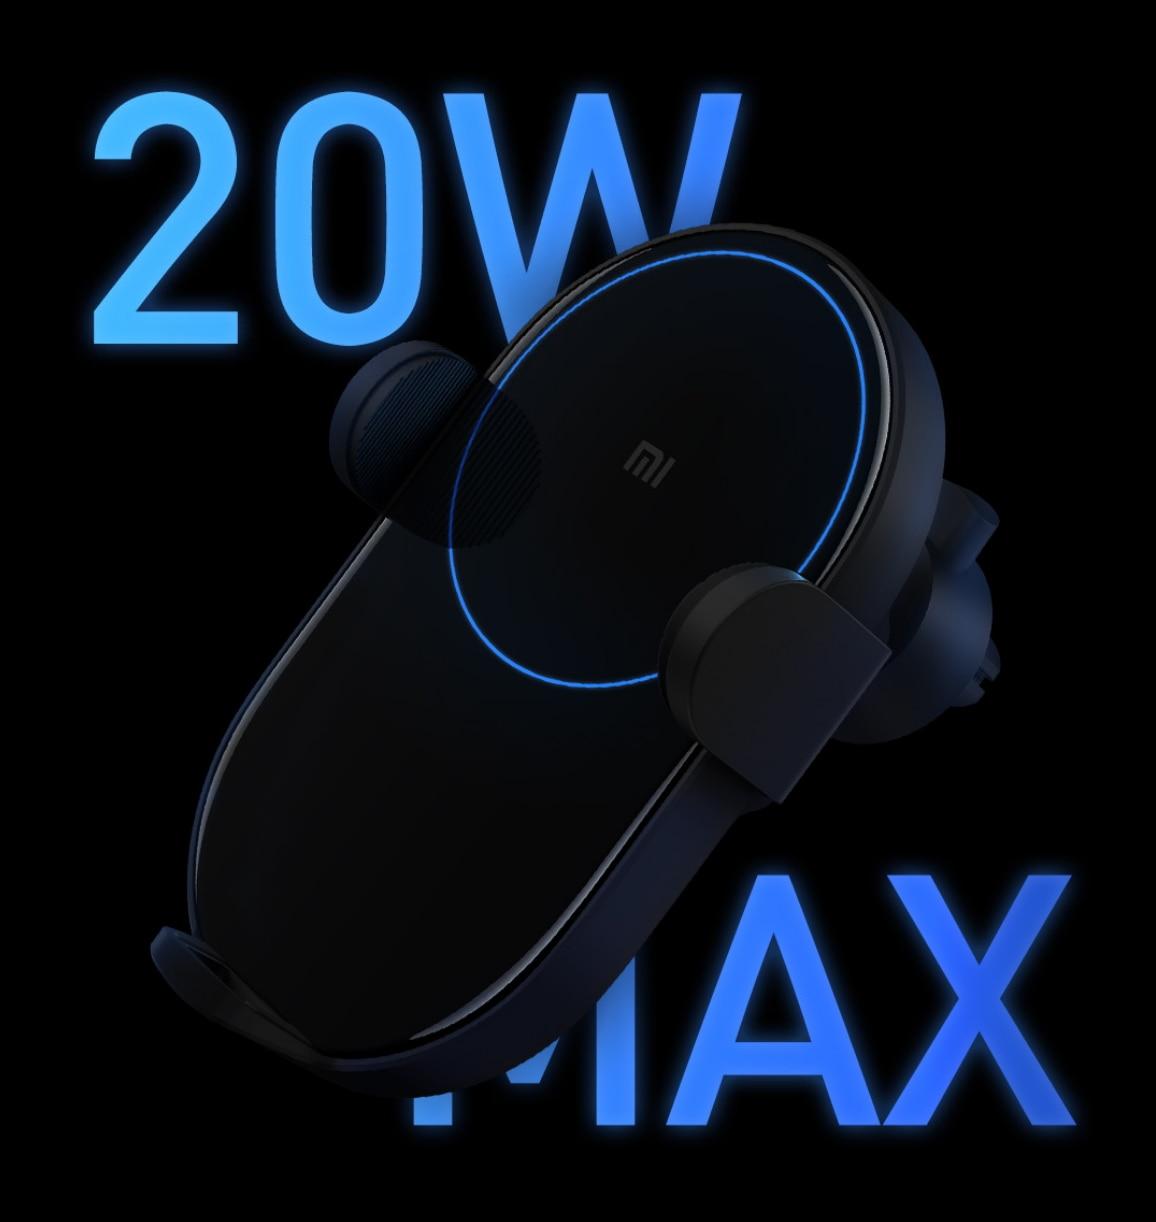 Image 4 - Беспроводное Автомобильное зарядное устройство Xiaomi Mijia, 20 Вт Max Qi электрическое автоматическое зажимное кольцо 2.5D со стеклянным кольцом для Mi 9 MIX 2S iPhone X XS MAXcharger xiaomi originaloriginal charger xiaomicar lighter usb  АлиЭкспресс